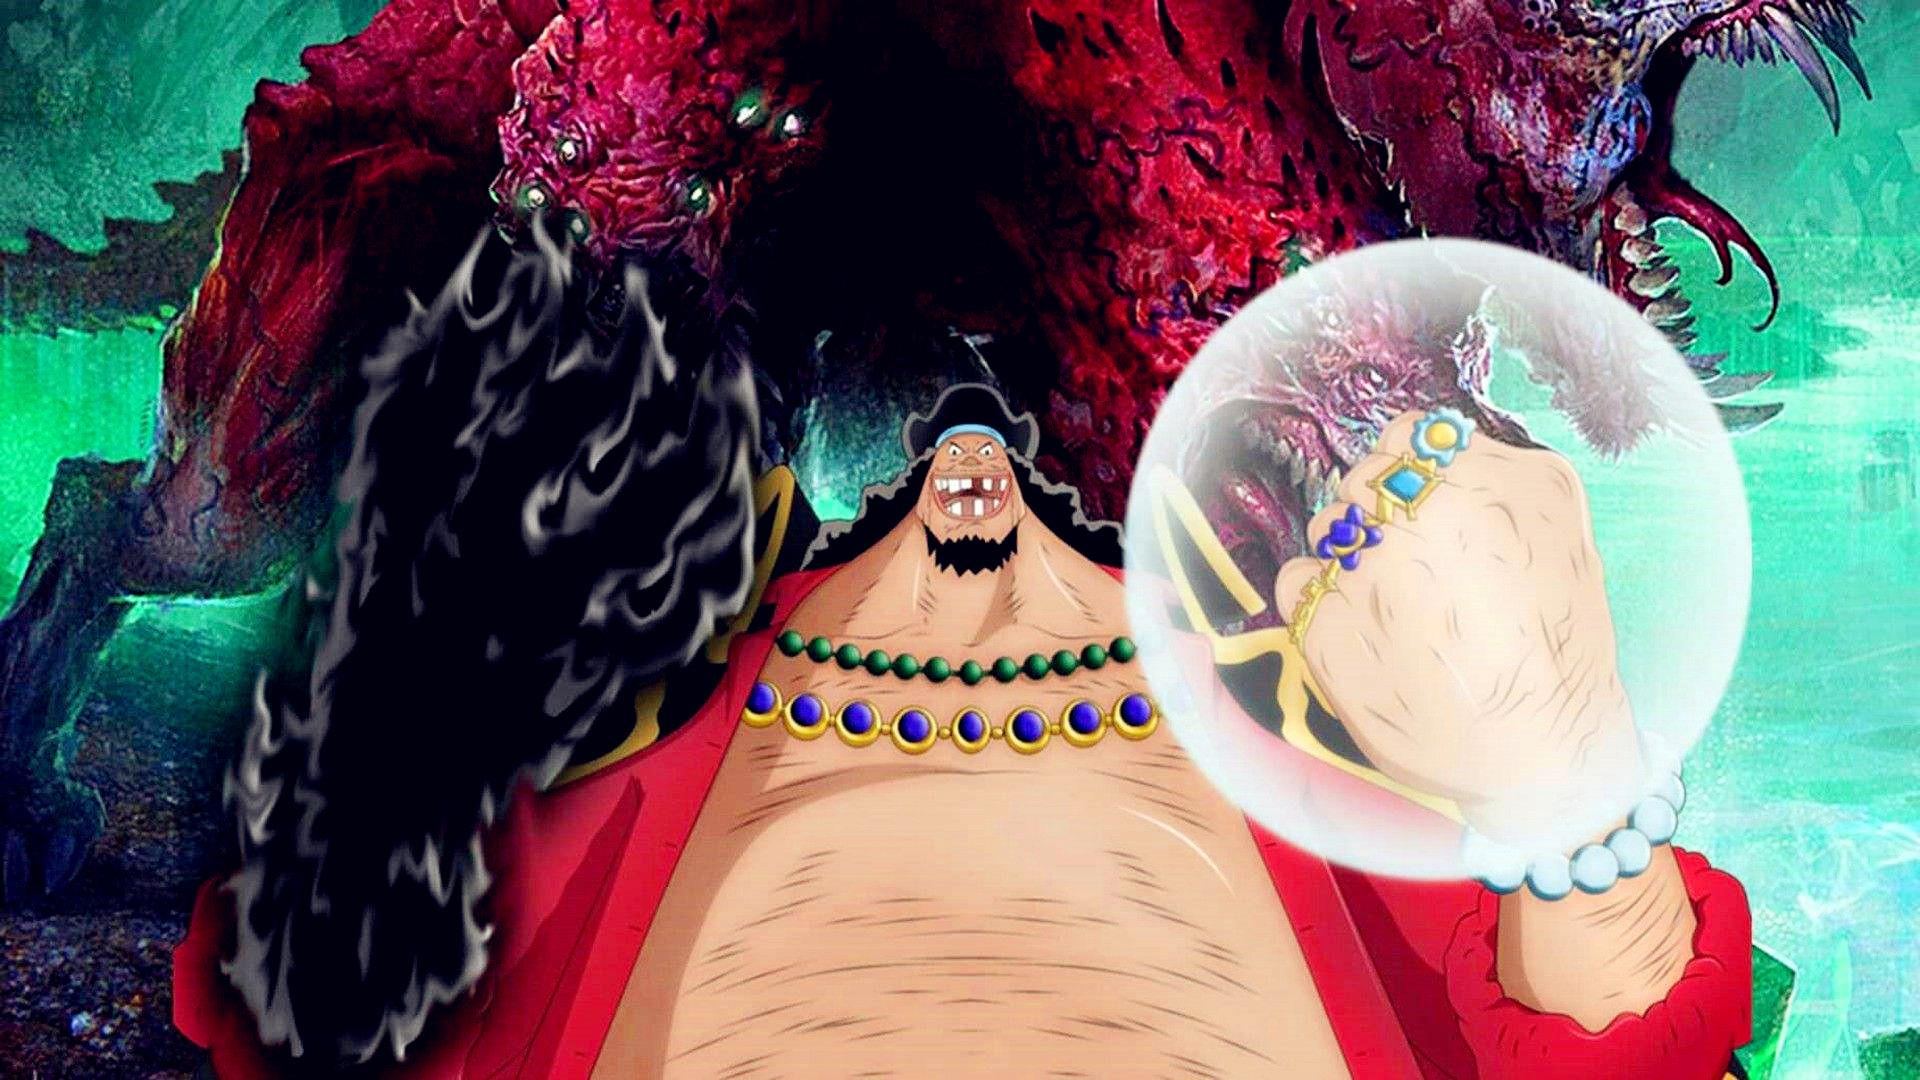 原创            海贼王:黑胡子当上海贼王实至名归!路飞只是在玩角色扮演! 动漫Cosplay 第6张